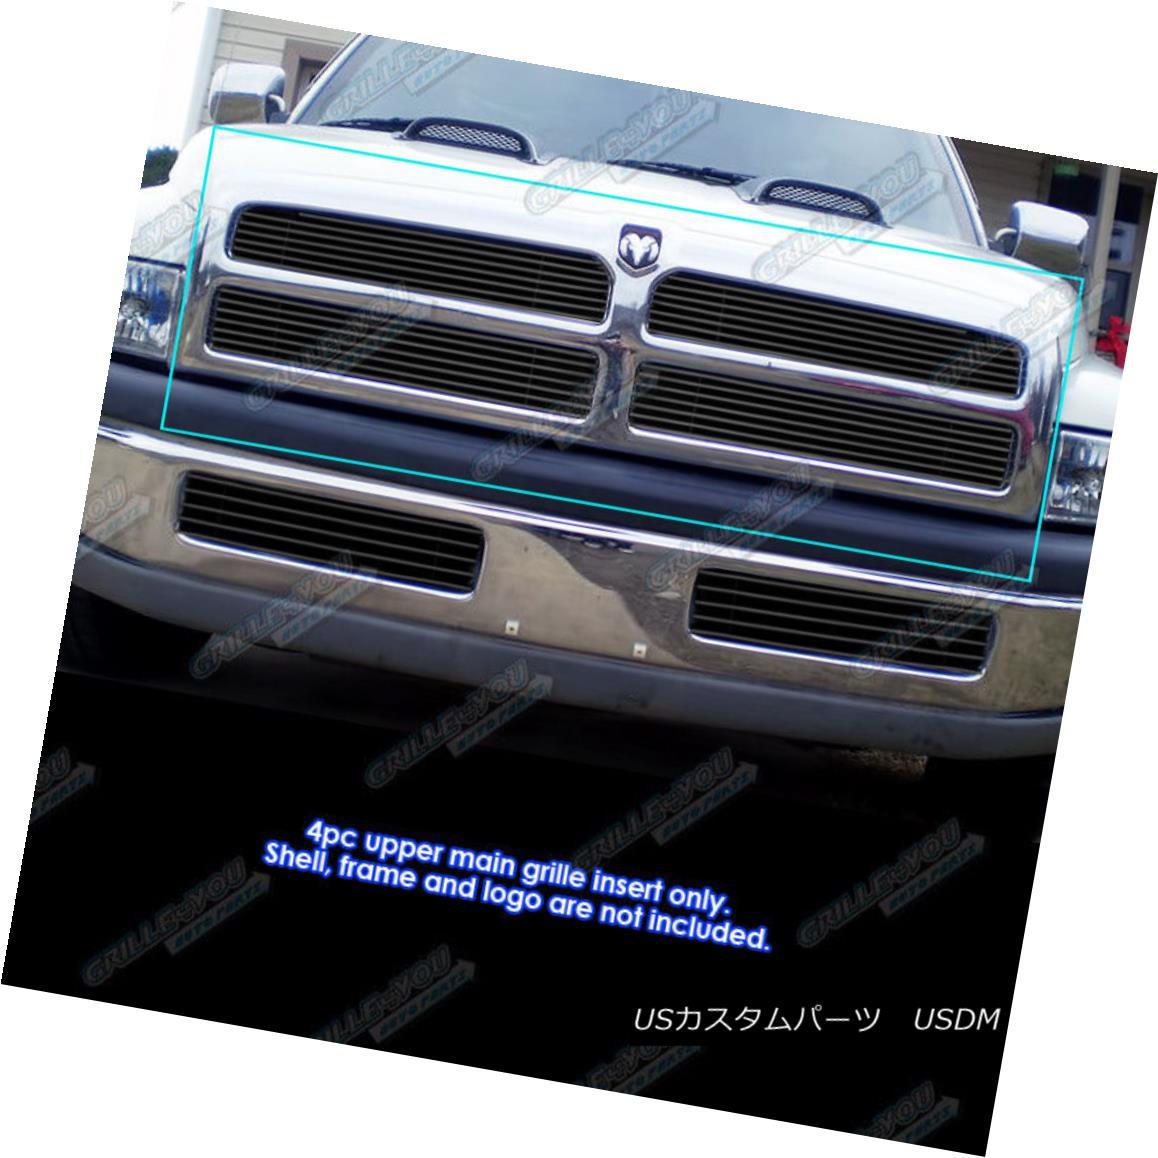 グリル Fits 1994-2001 Dodge Ram regular model Black Billet Grille Grill Insert 1994-2001 Dodge Ram正規モデルブラックビレットグリルグリルインサート